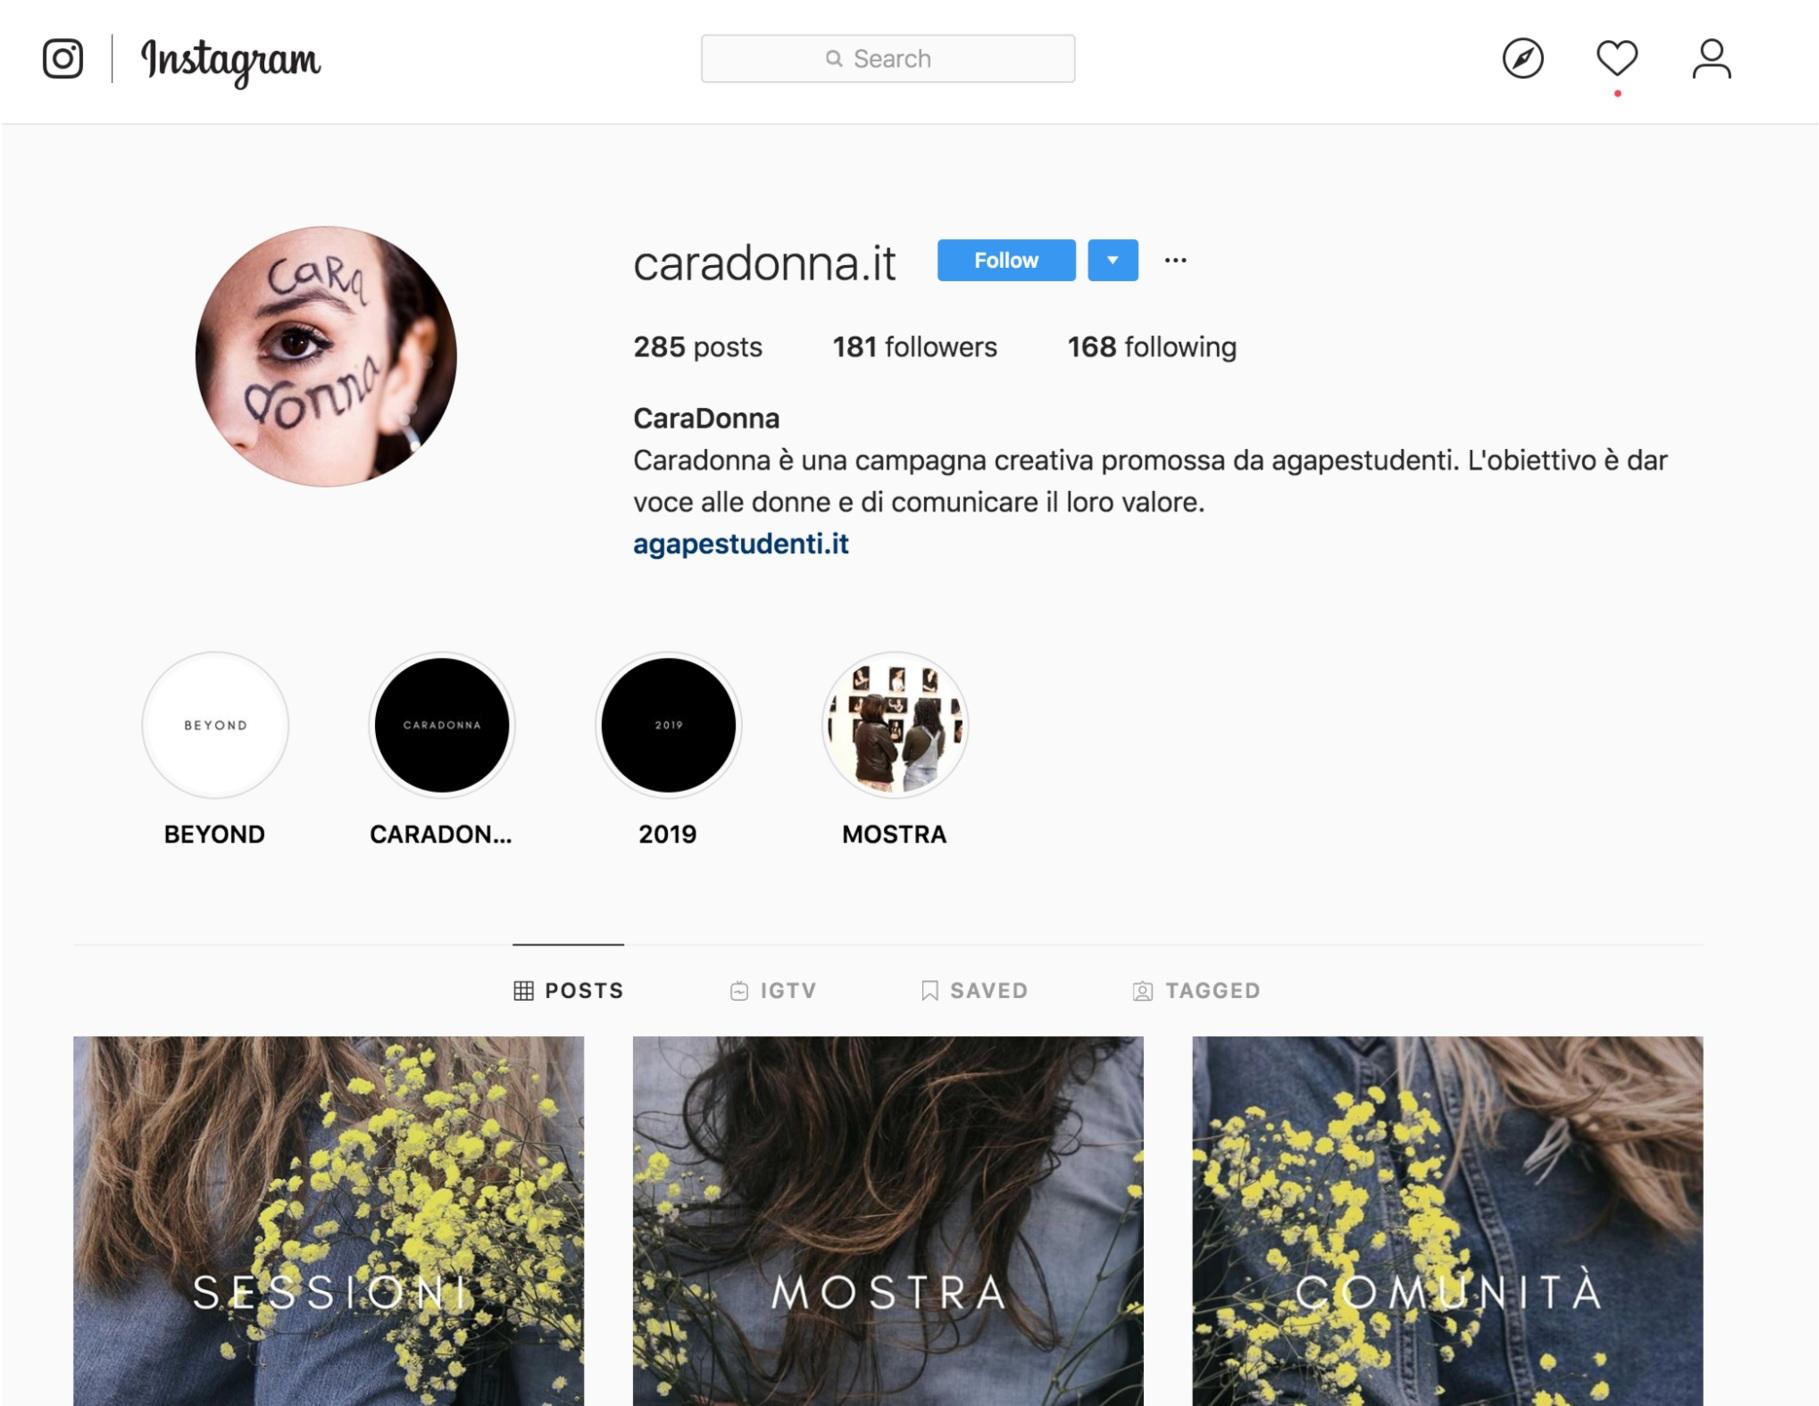 Segui la nostra Instagram @caradonna.it per rimanere aggiornato sulle attività -